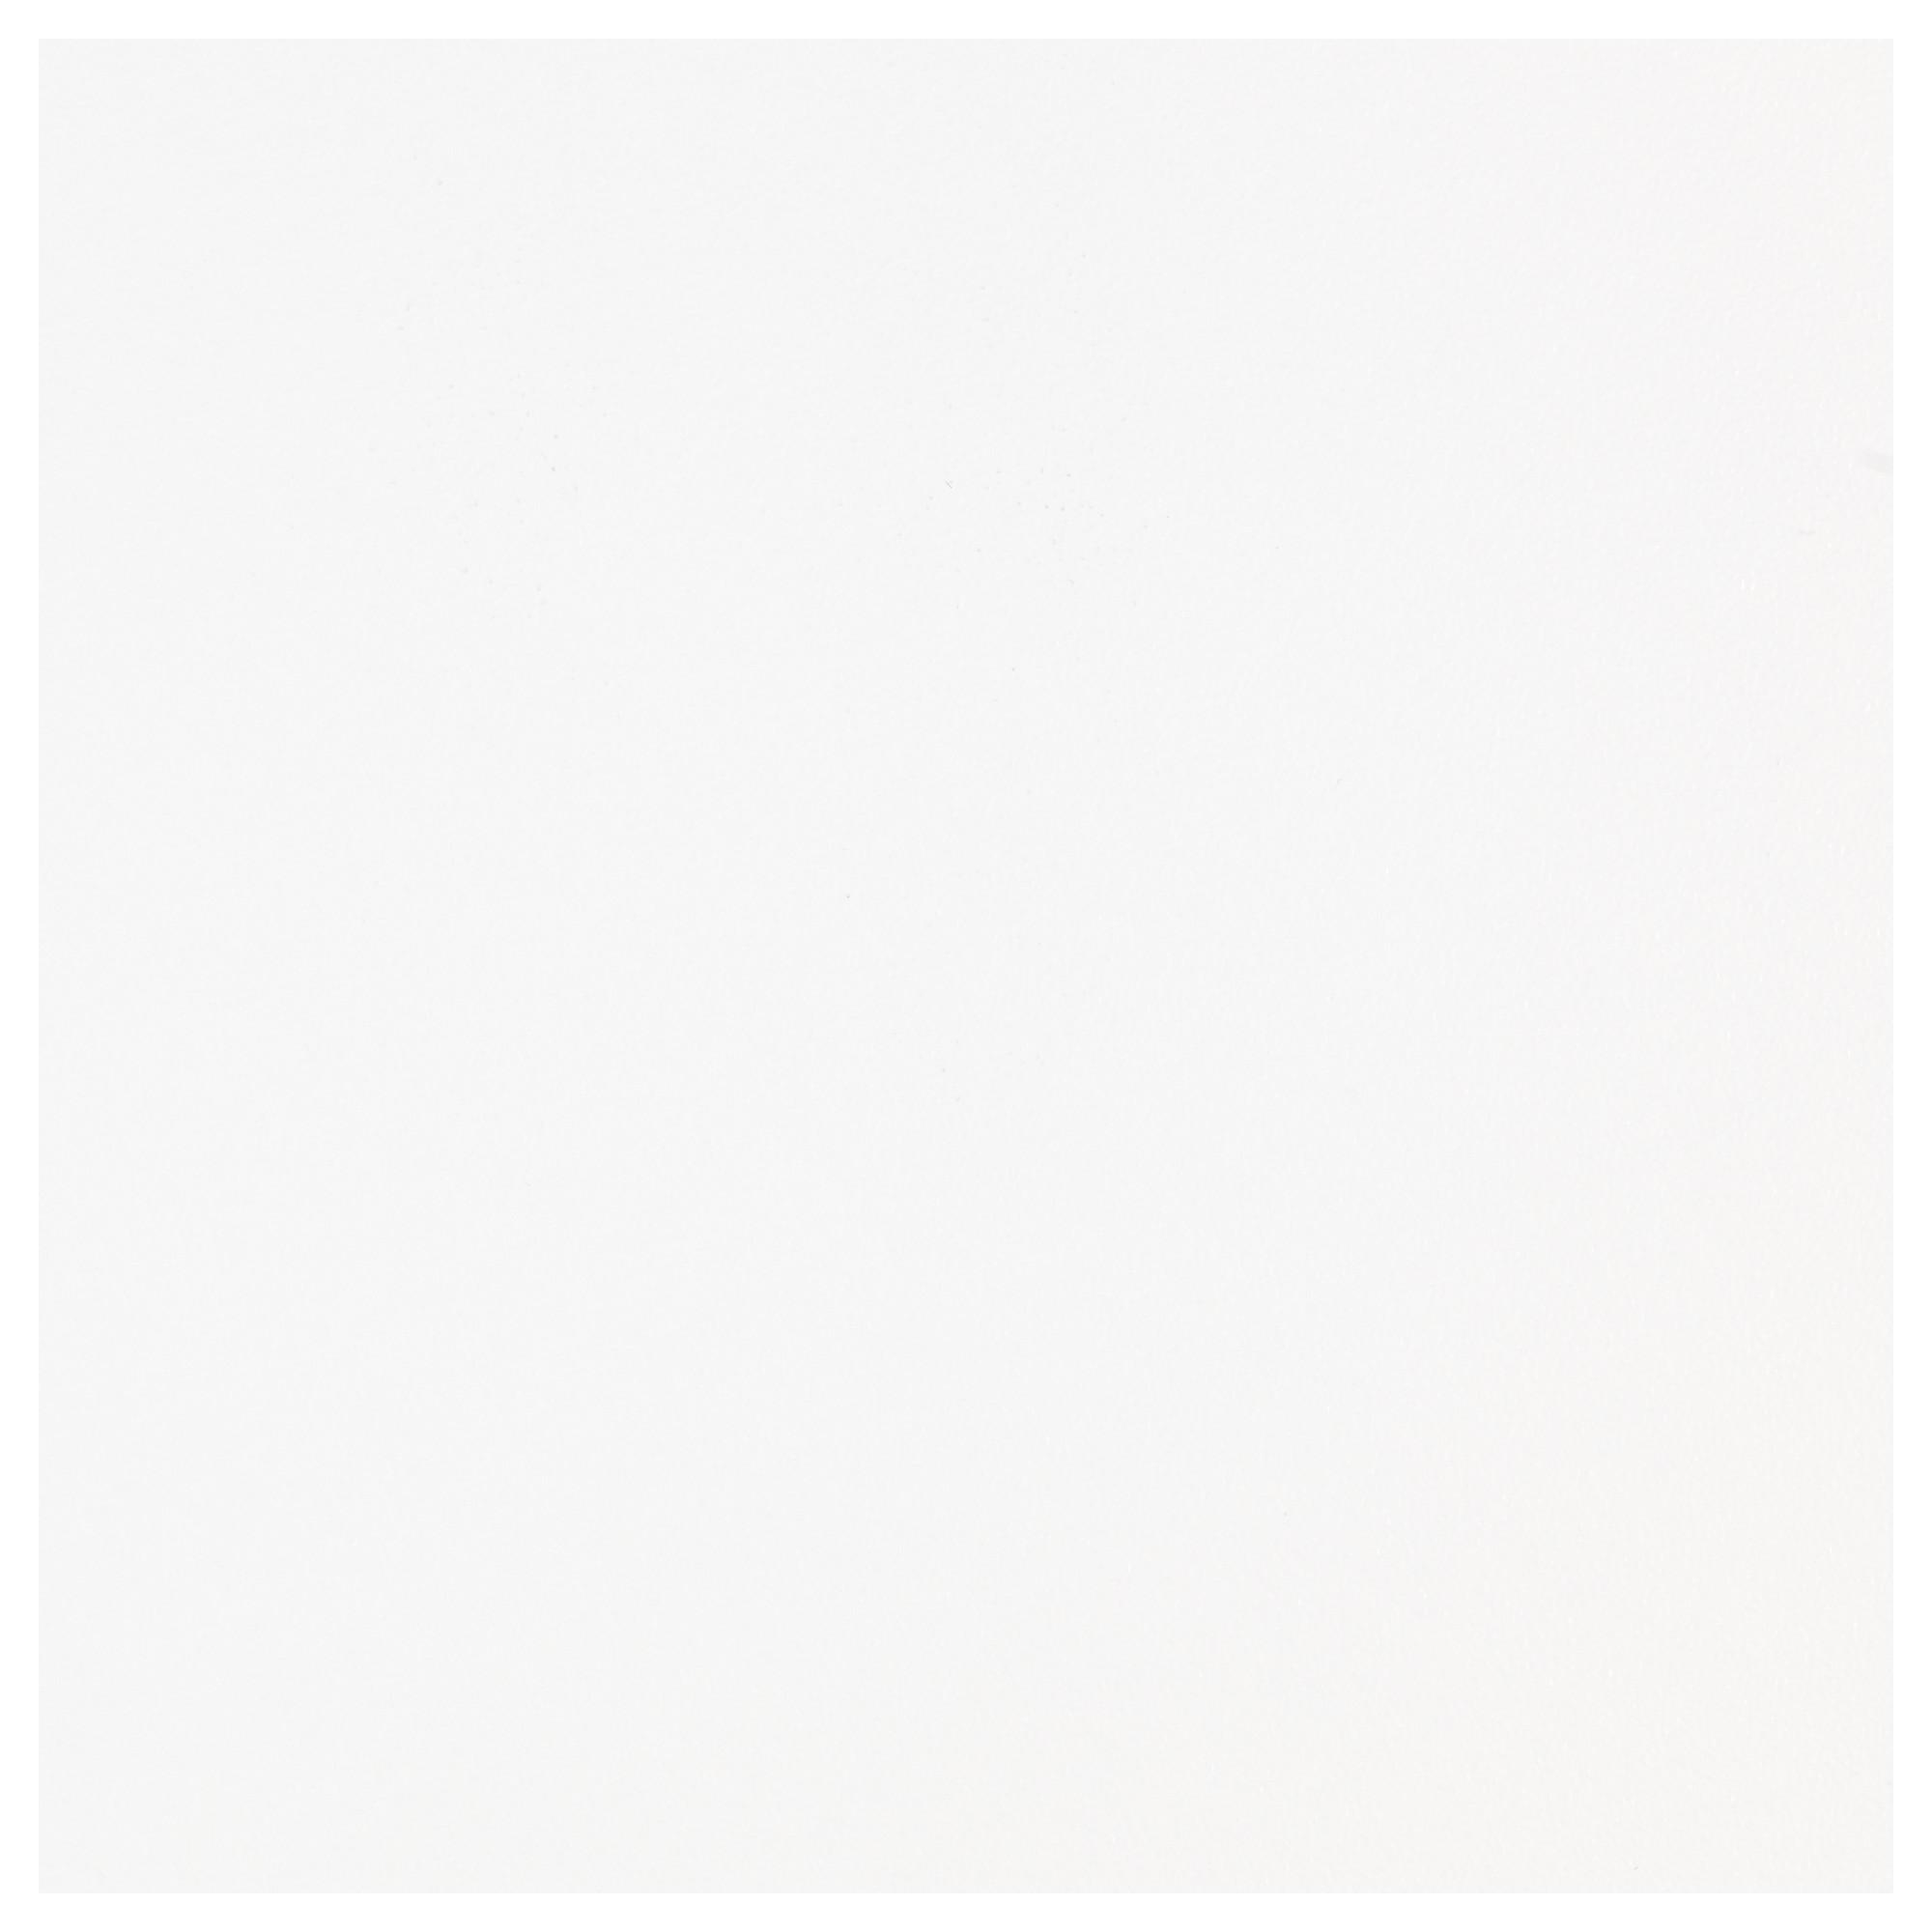 Столешница, двусторонняя ГОТШЭР артикуль № 203.693.89 в наличии. Интернет каталог ИКЕА Беларусь. Быстрая доставка и монтаж.